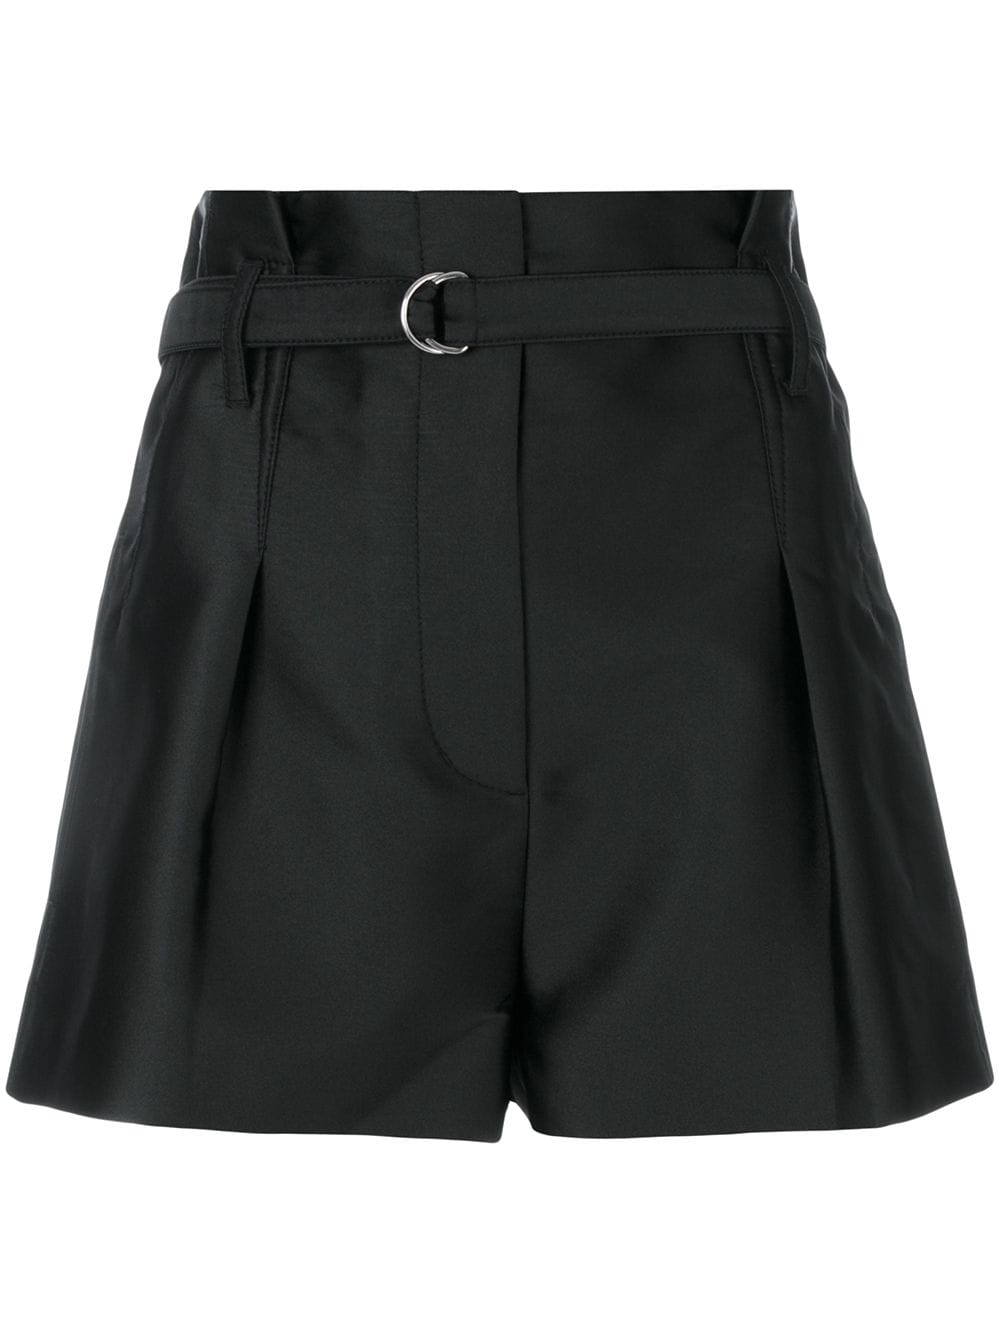 3.1 Phillip Lim 'Origami' Shorts aus Satin - Schwarz